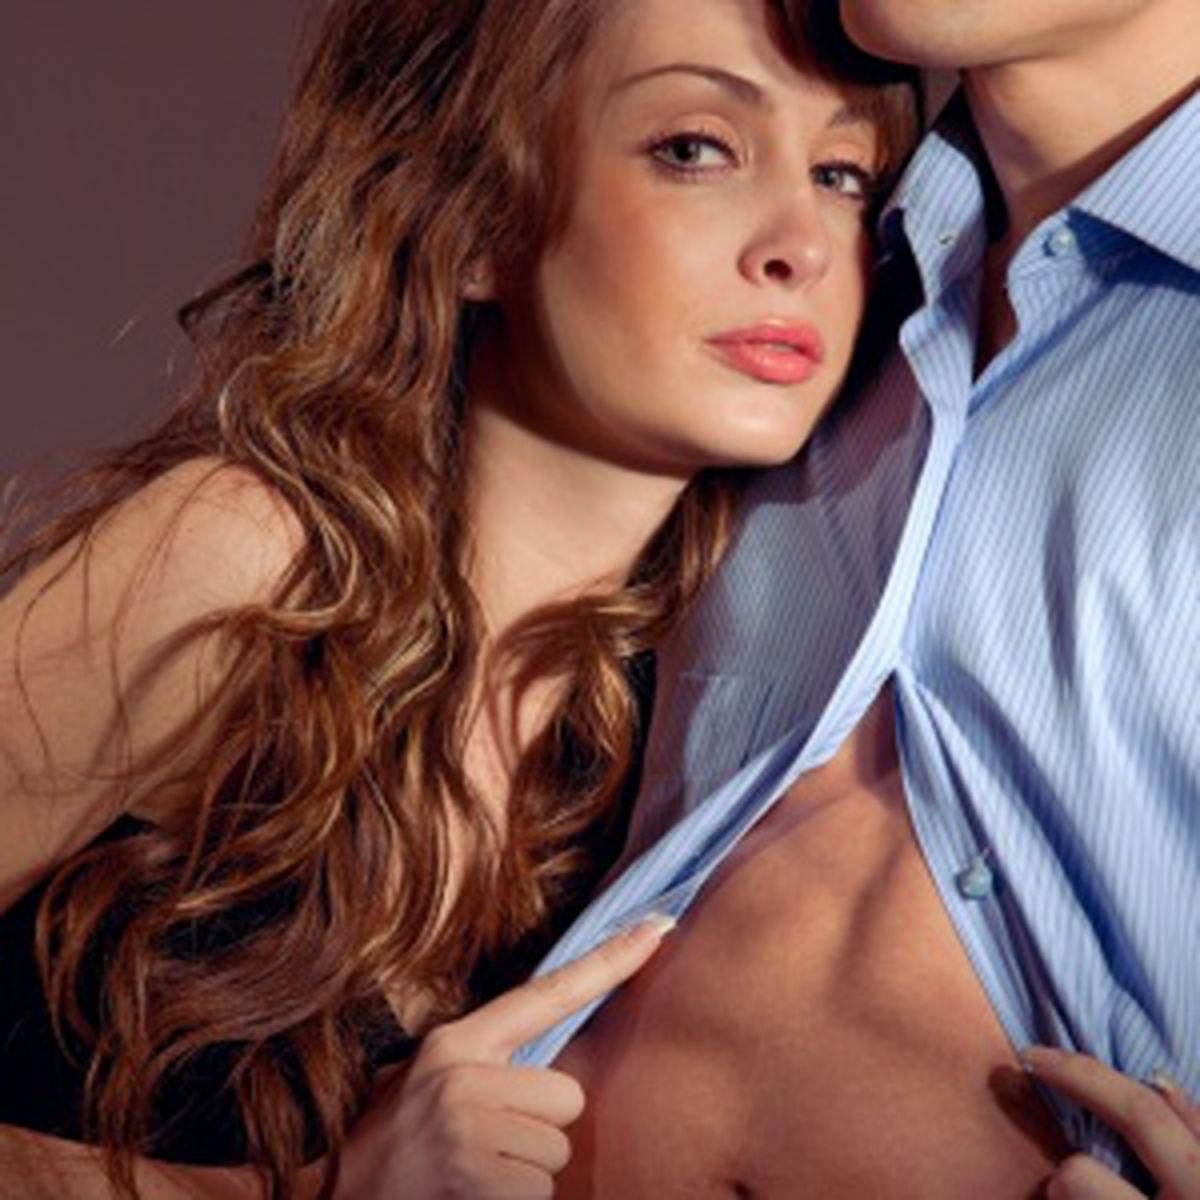 Marirea Penisului – Cum se îngroașă și se prelungește penisul în mod natural